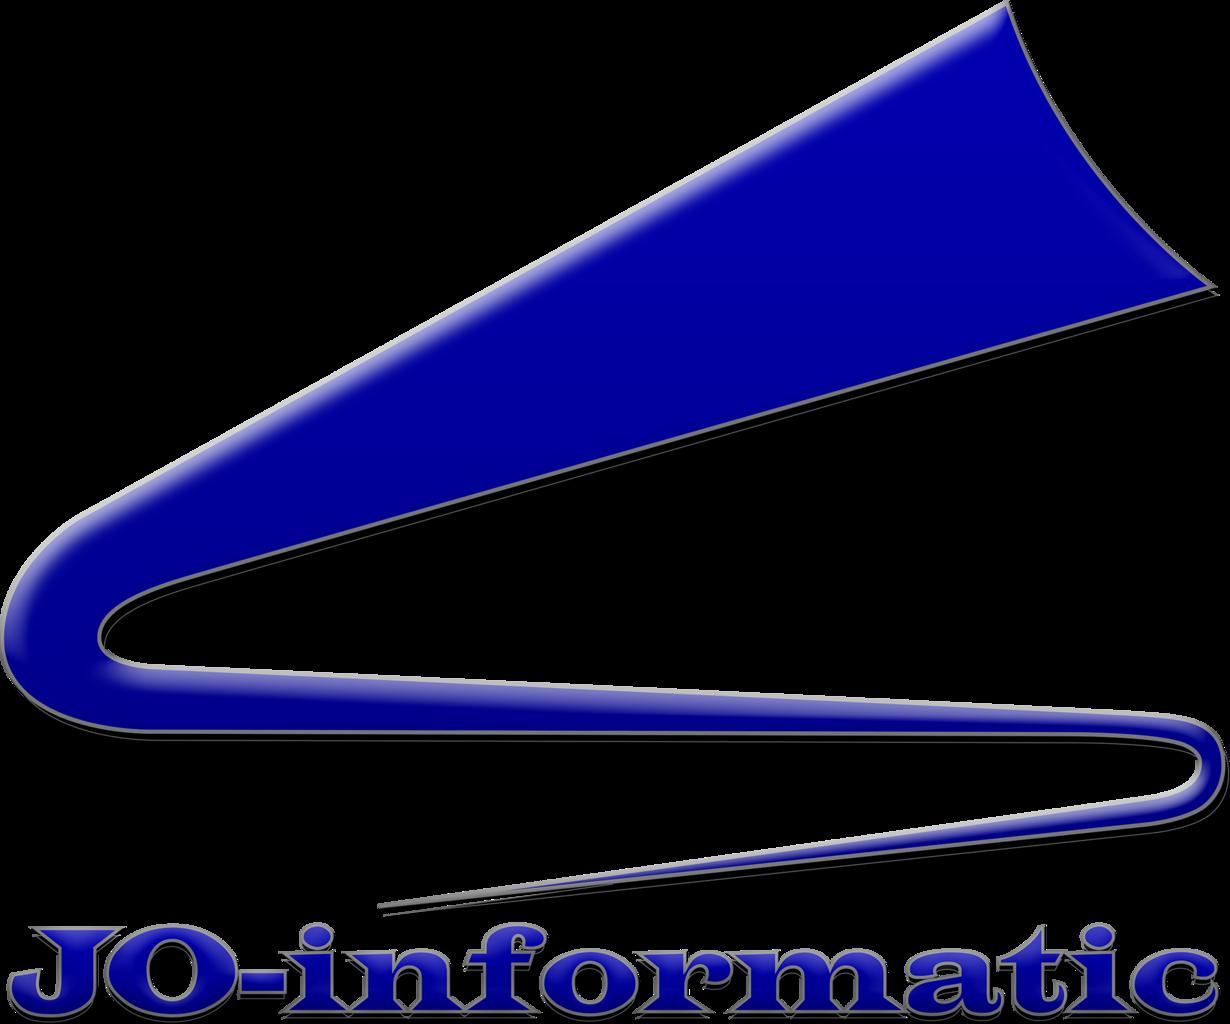 jo- informatic